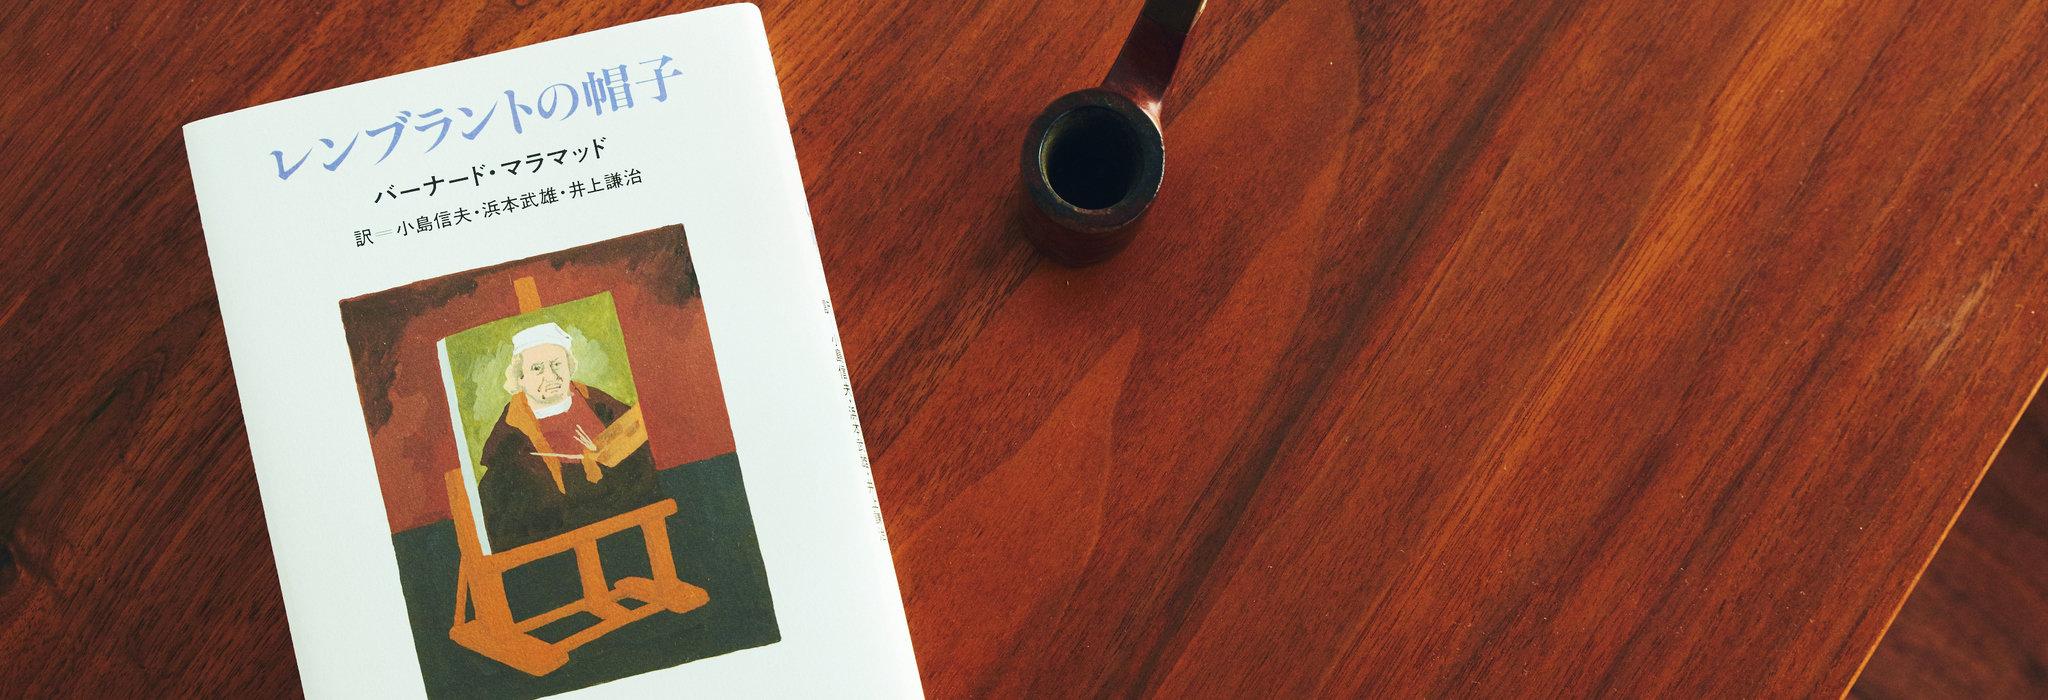 木考Vol.1 ウォールナット(クルミ)を知る_image